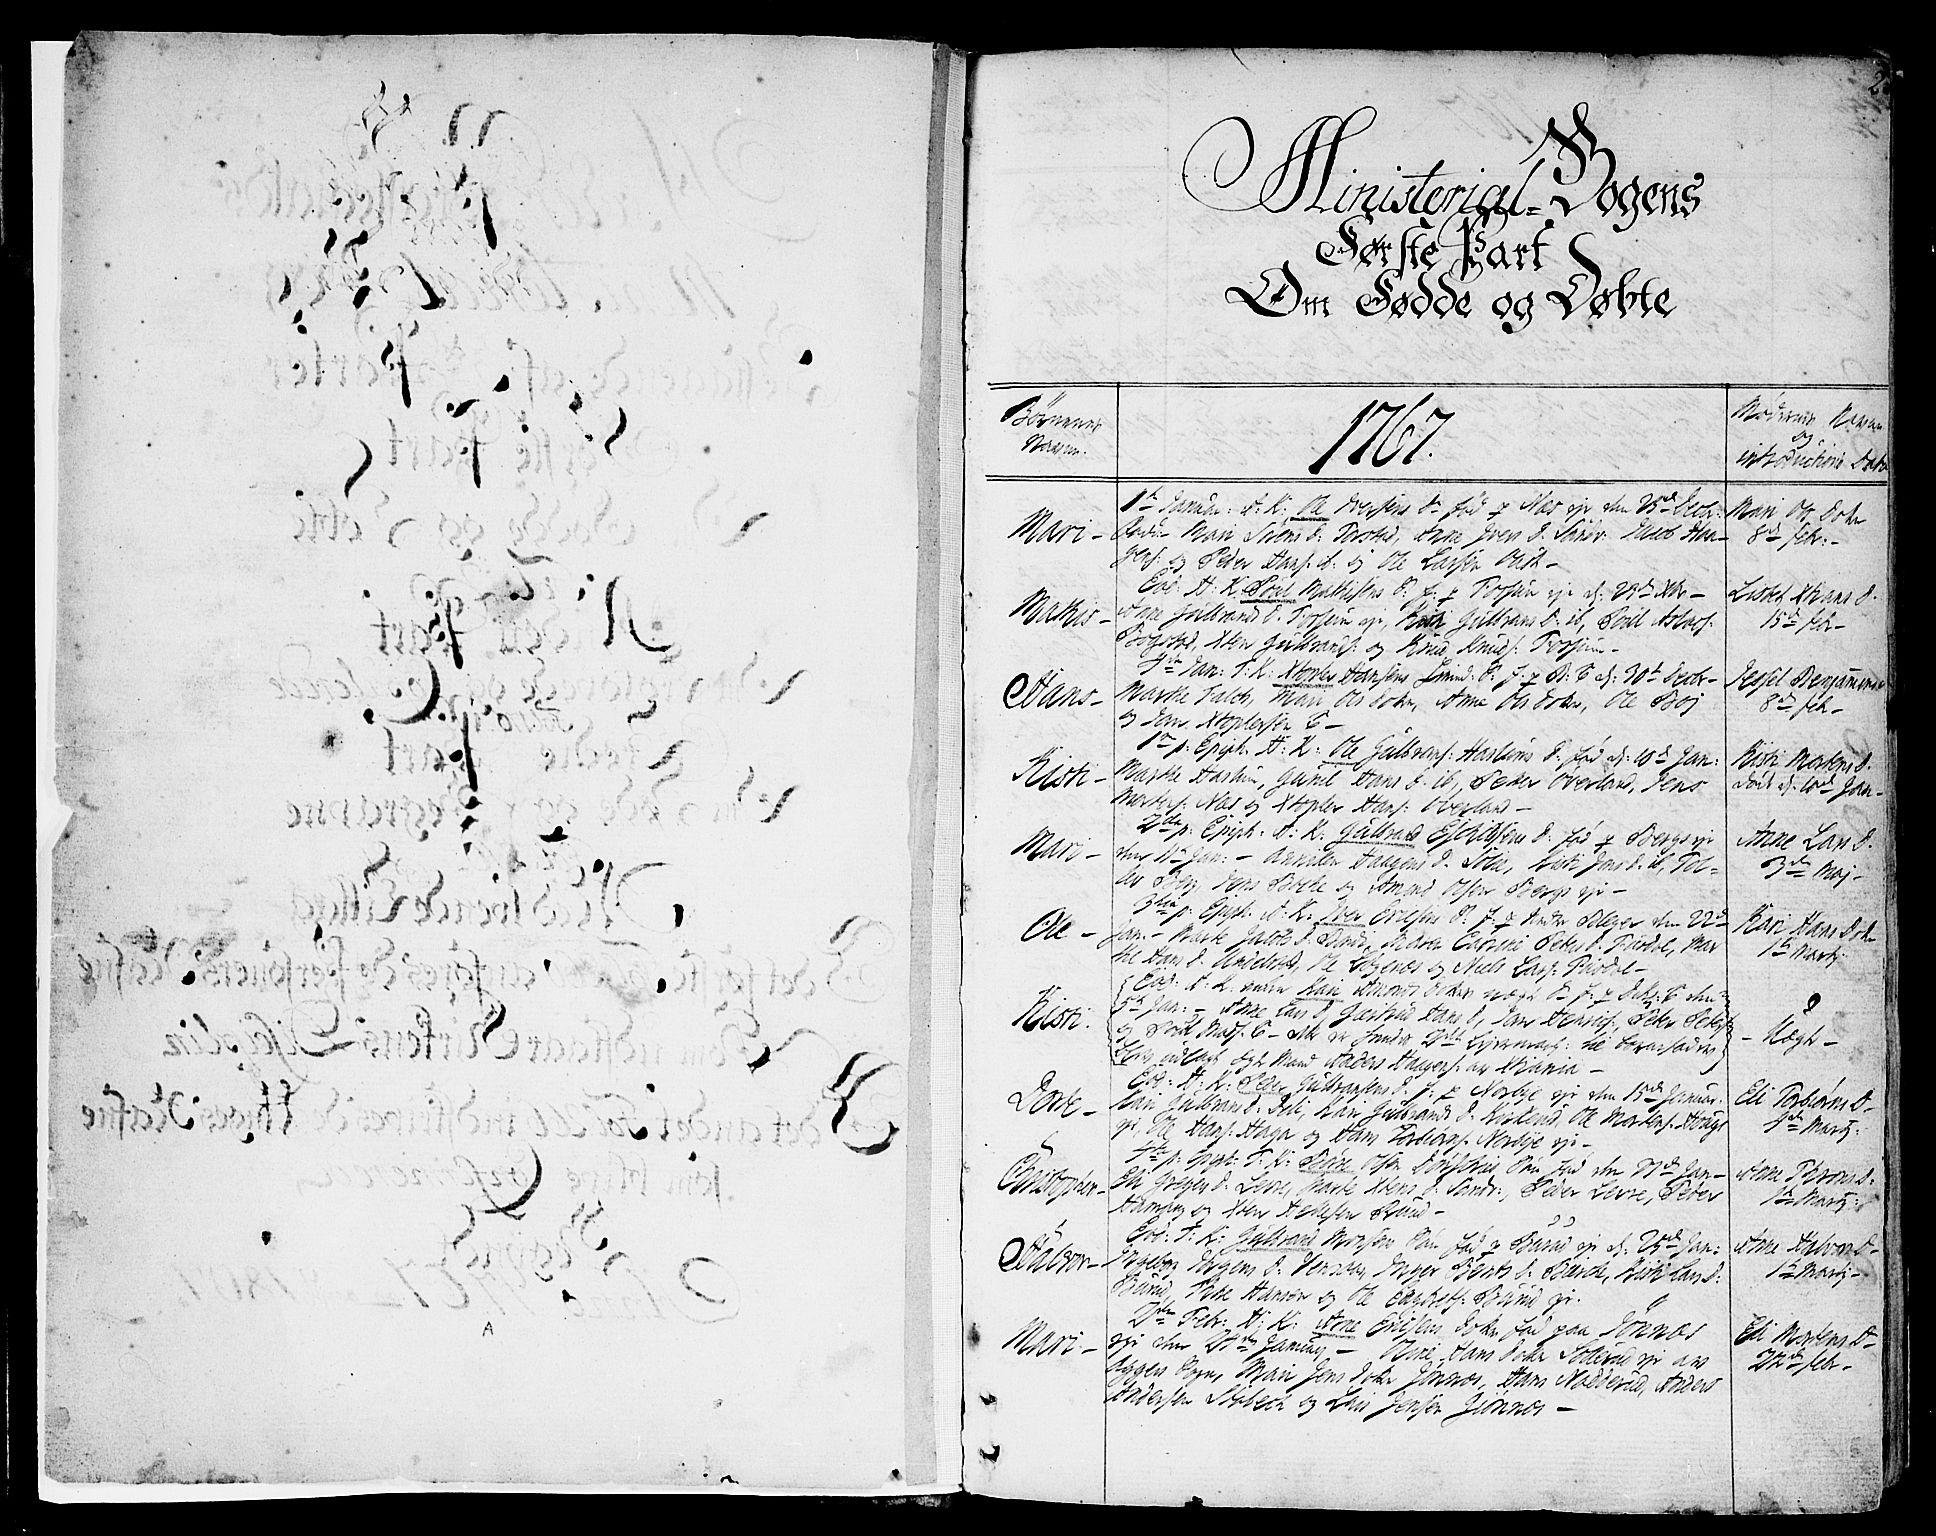 SAO, Asker prestekontor Kirkebøker, F/Fa/L0003: Ministerialbok nr. I 3, 1767-1807, s. 2